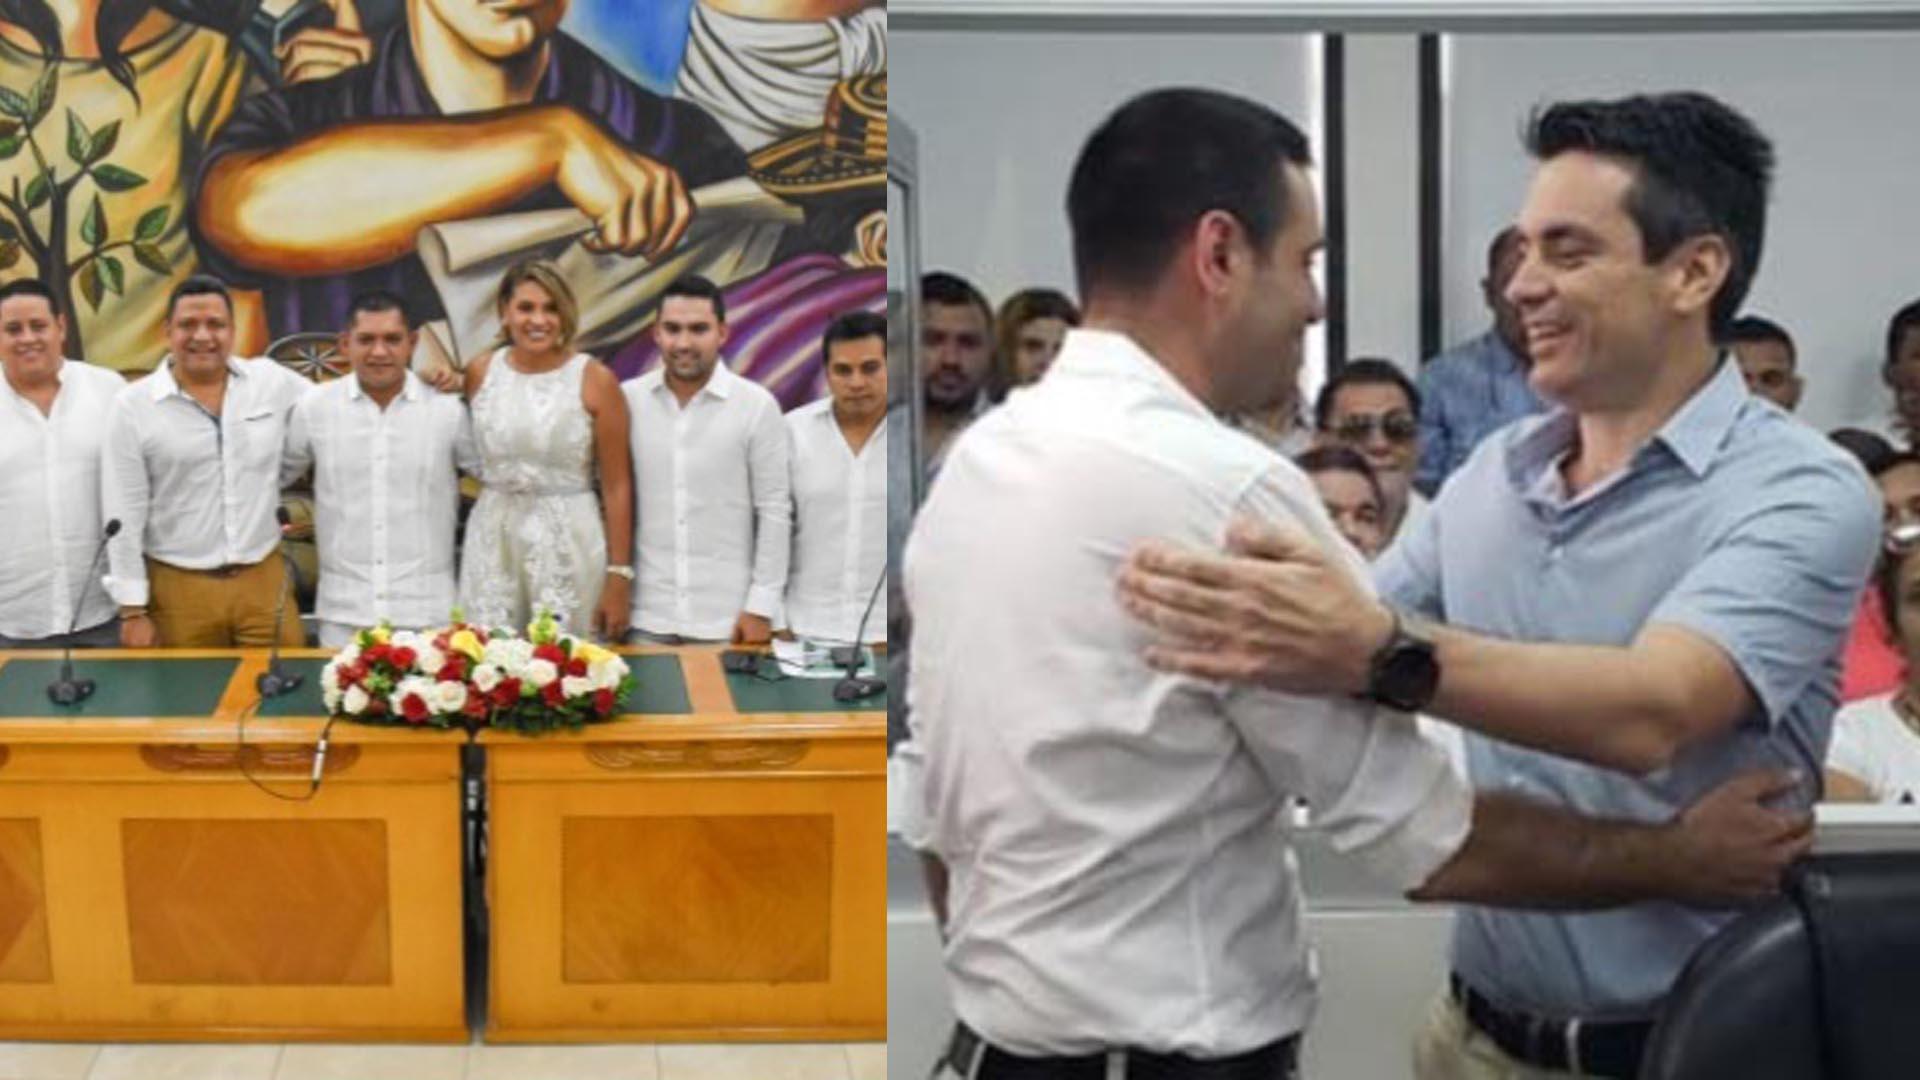 Integrantes de la Asamblea de Córdoba /El alcalde de Montería con el concejal Salin Ghisays.